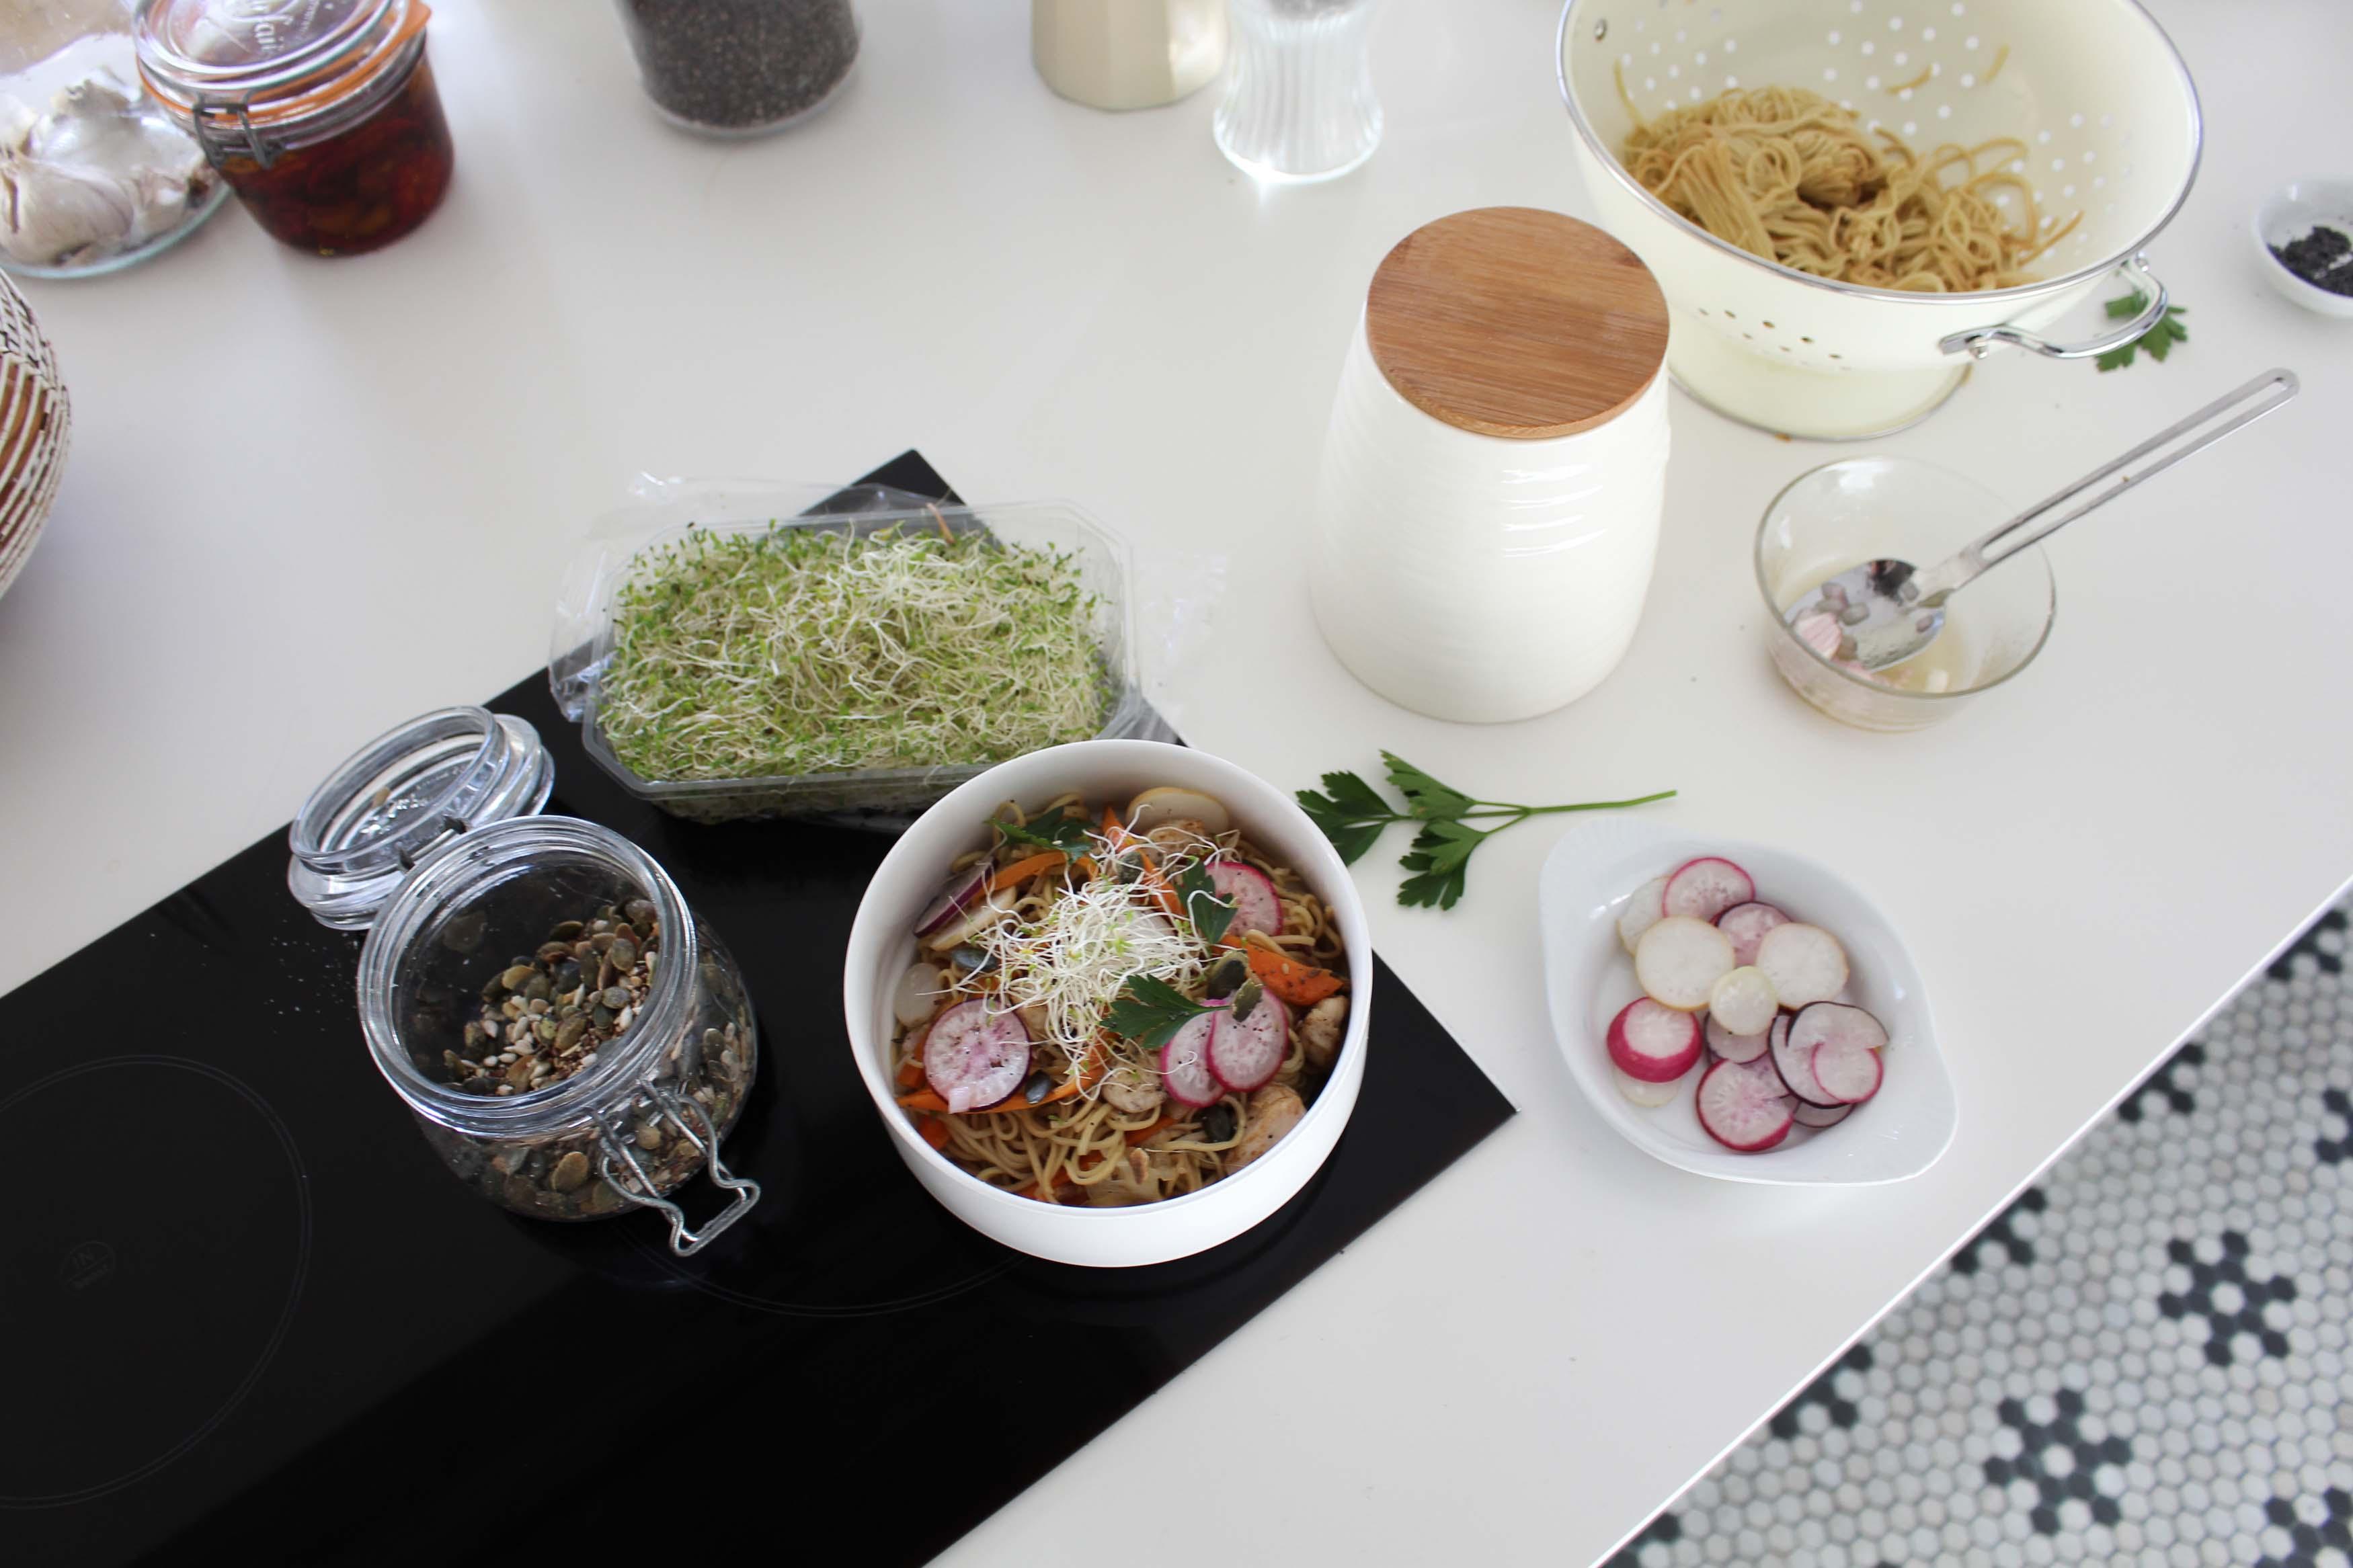 cuisine-westwing-recette-linstantflo-26-sur-27